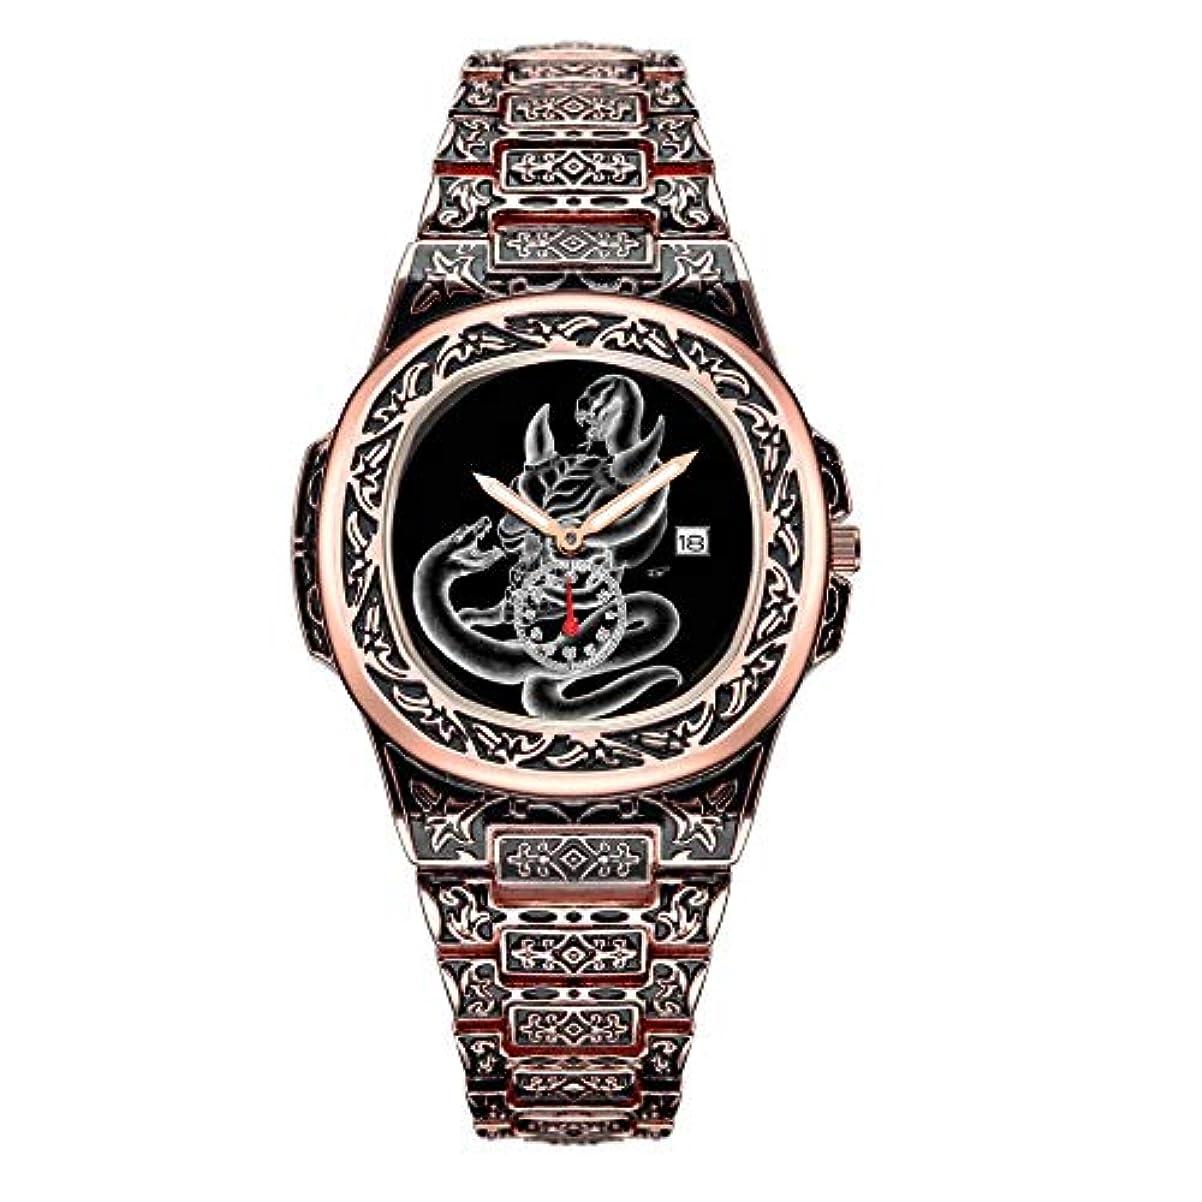 反発電気の電気のメンズコレクションローズゴールドヘビーデューティスカルウォッチ242.Skull-蛇の腕時計が付いた悪魔の頭